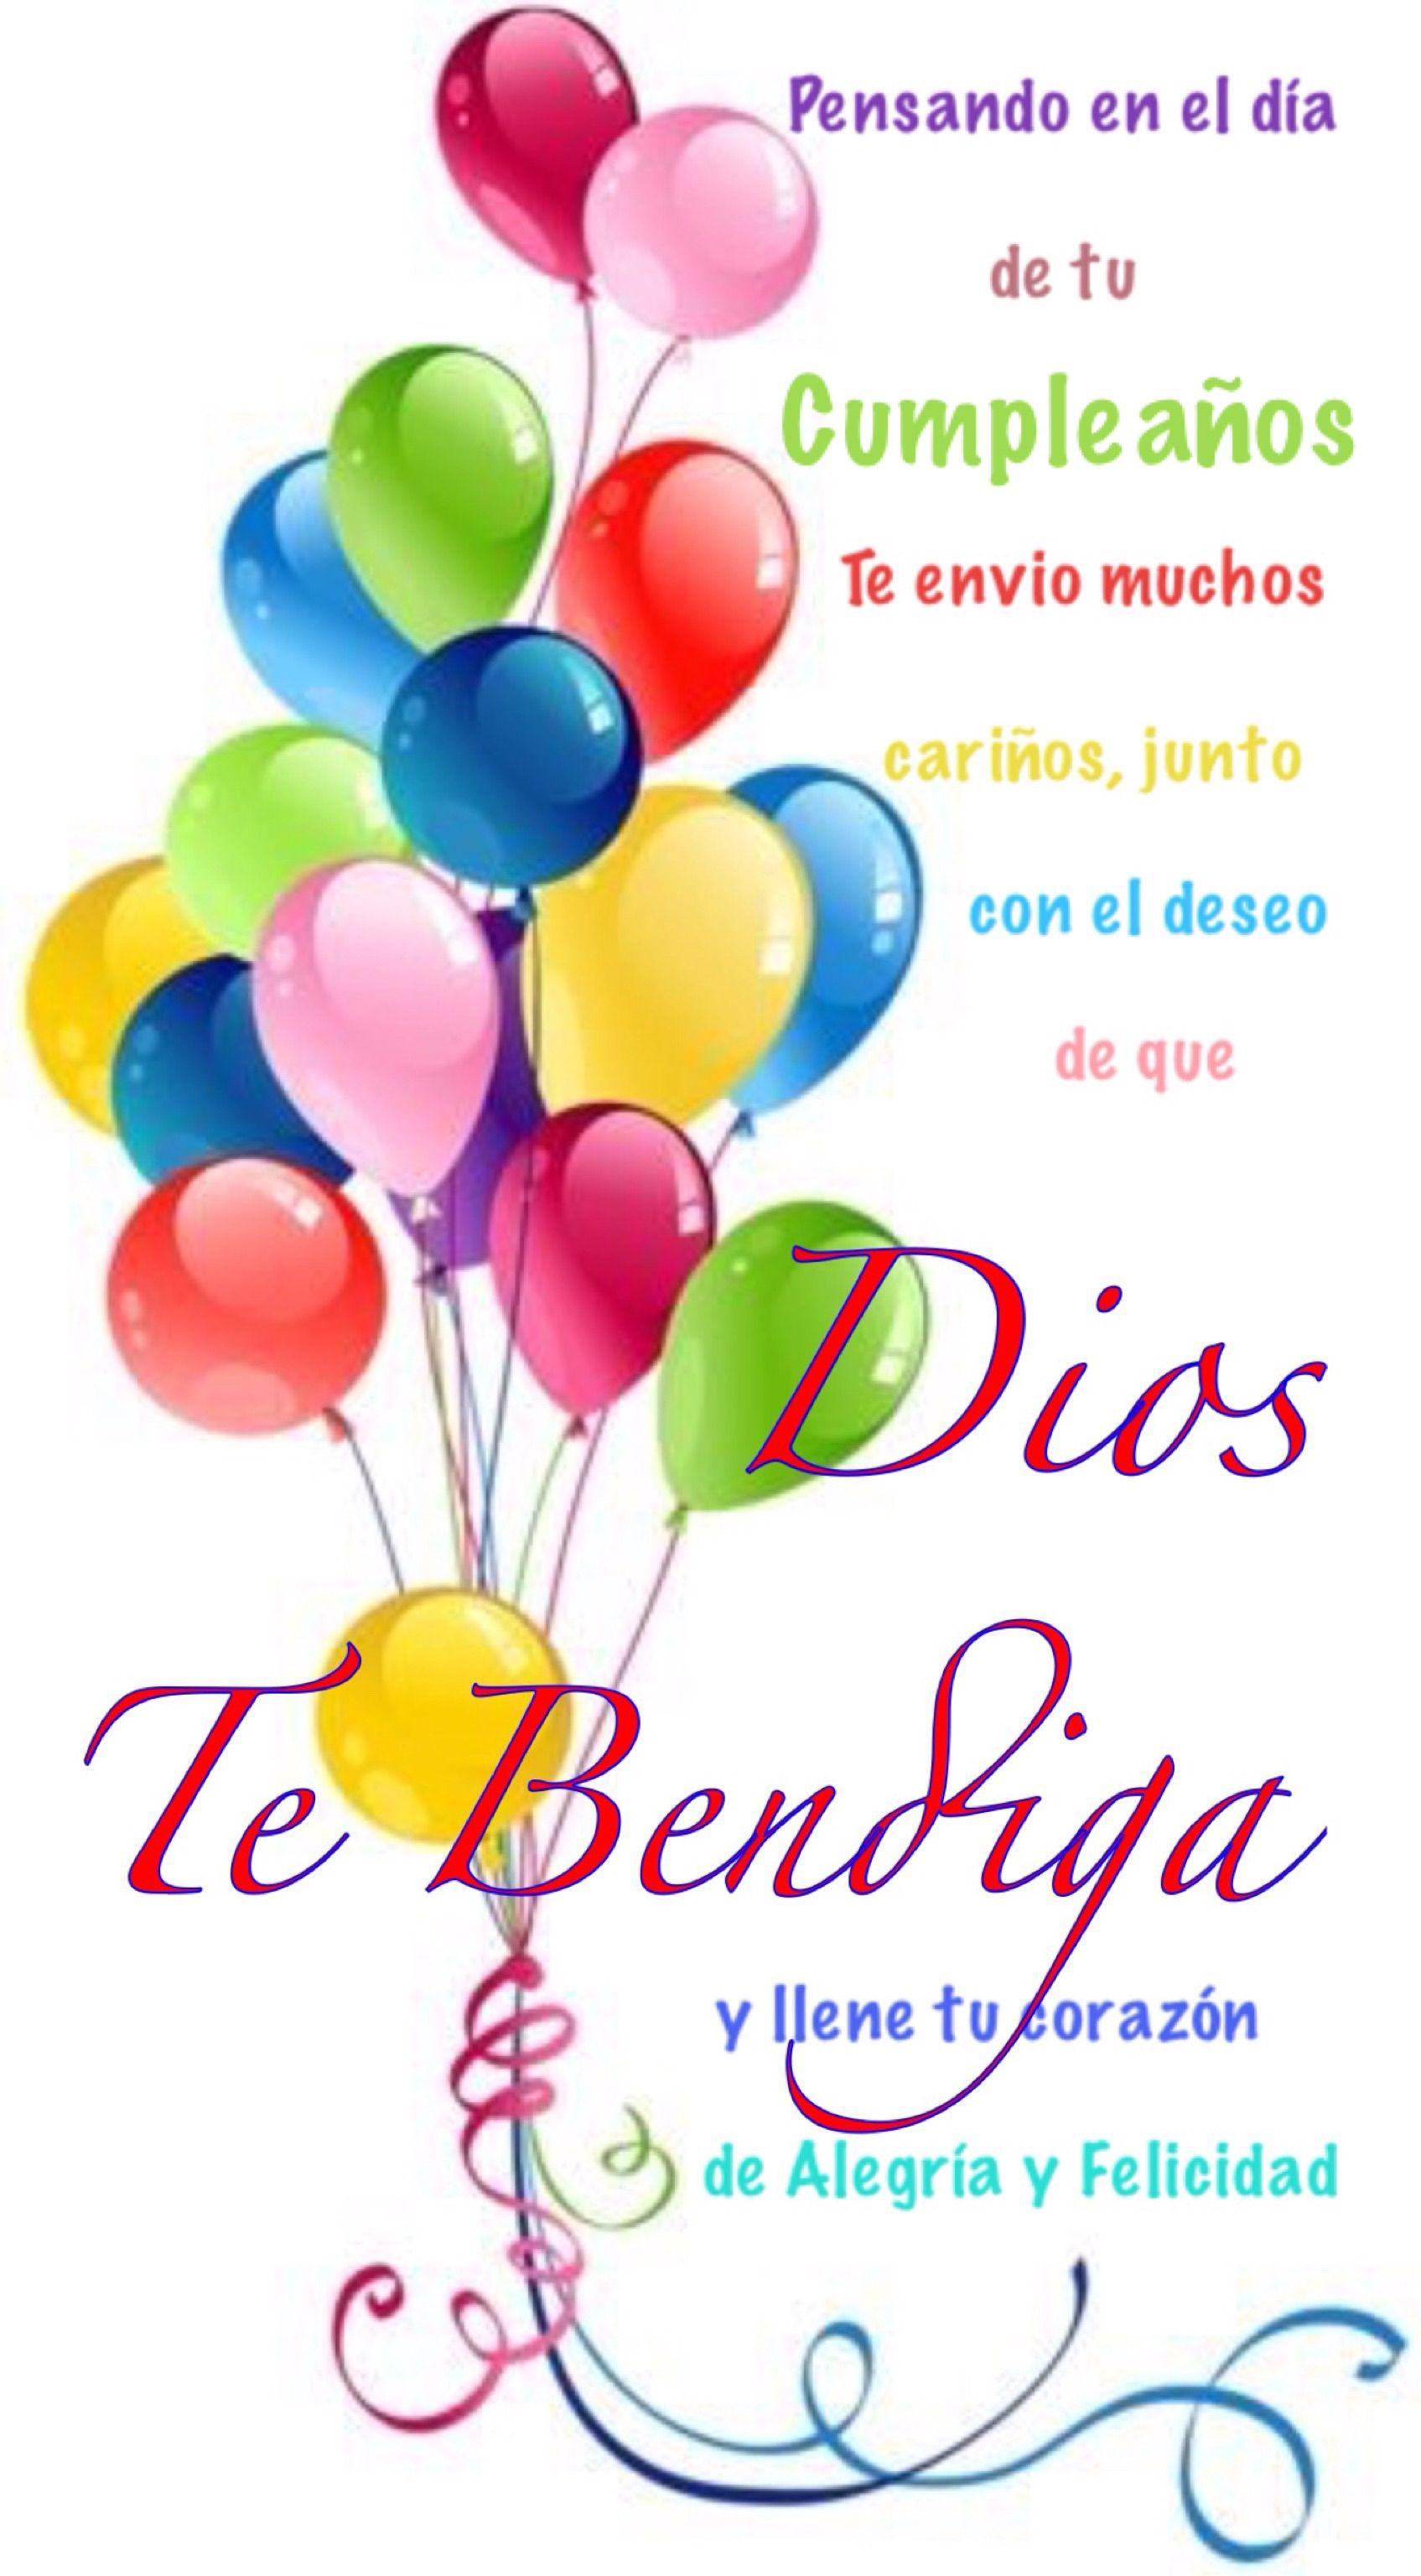 Dios Te Bendiga Henriqez Ana1 Pinterest Happy Birthday